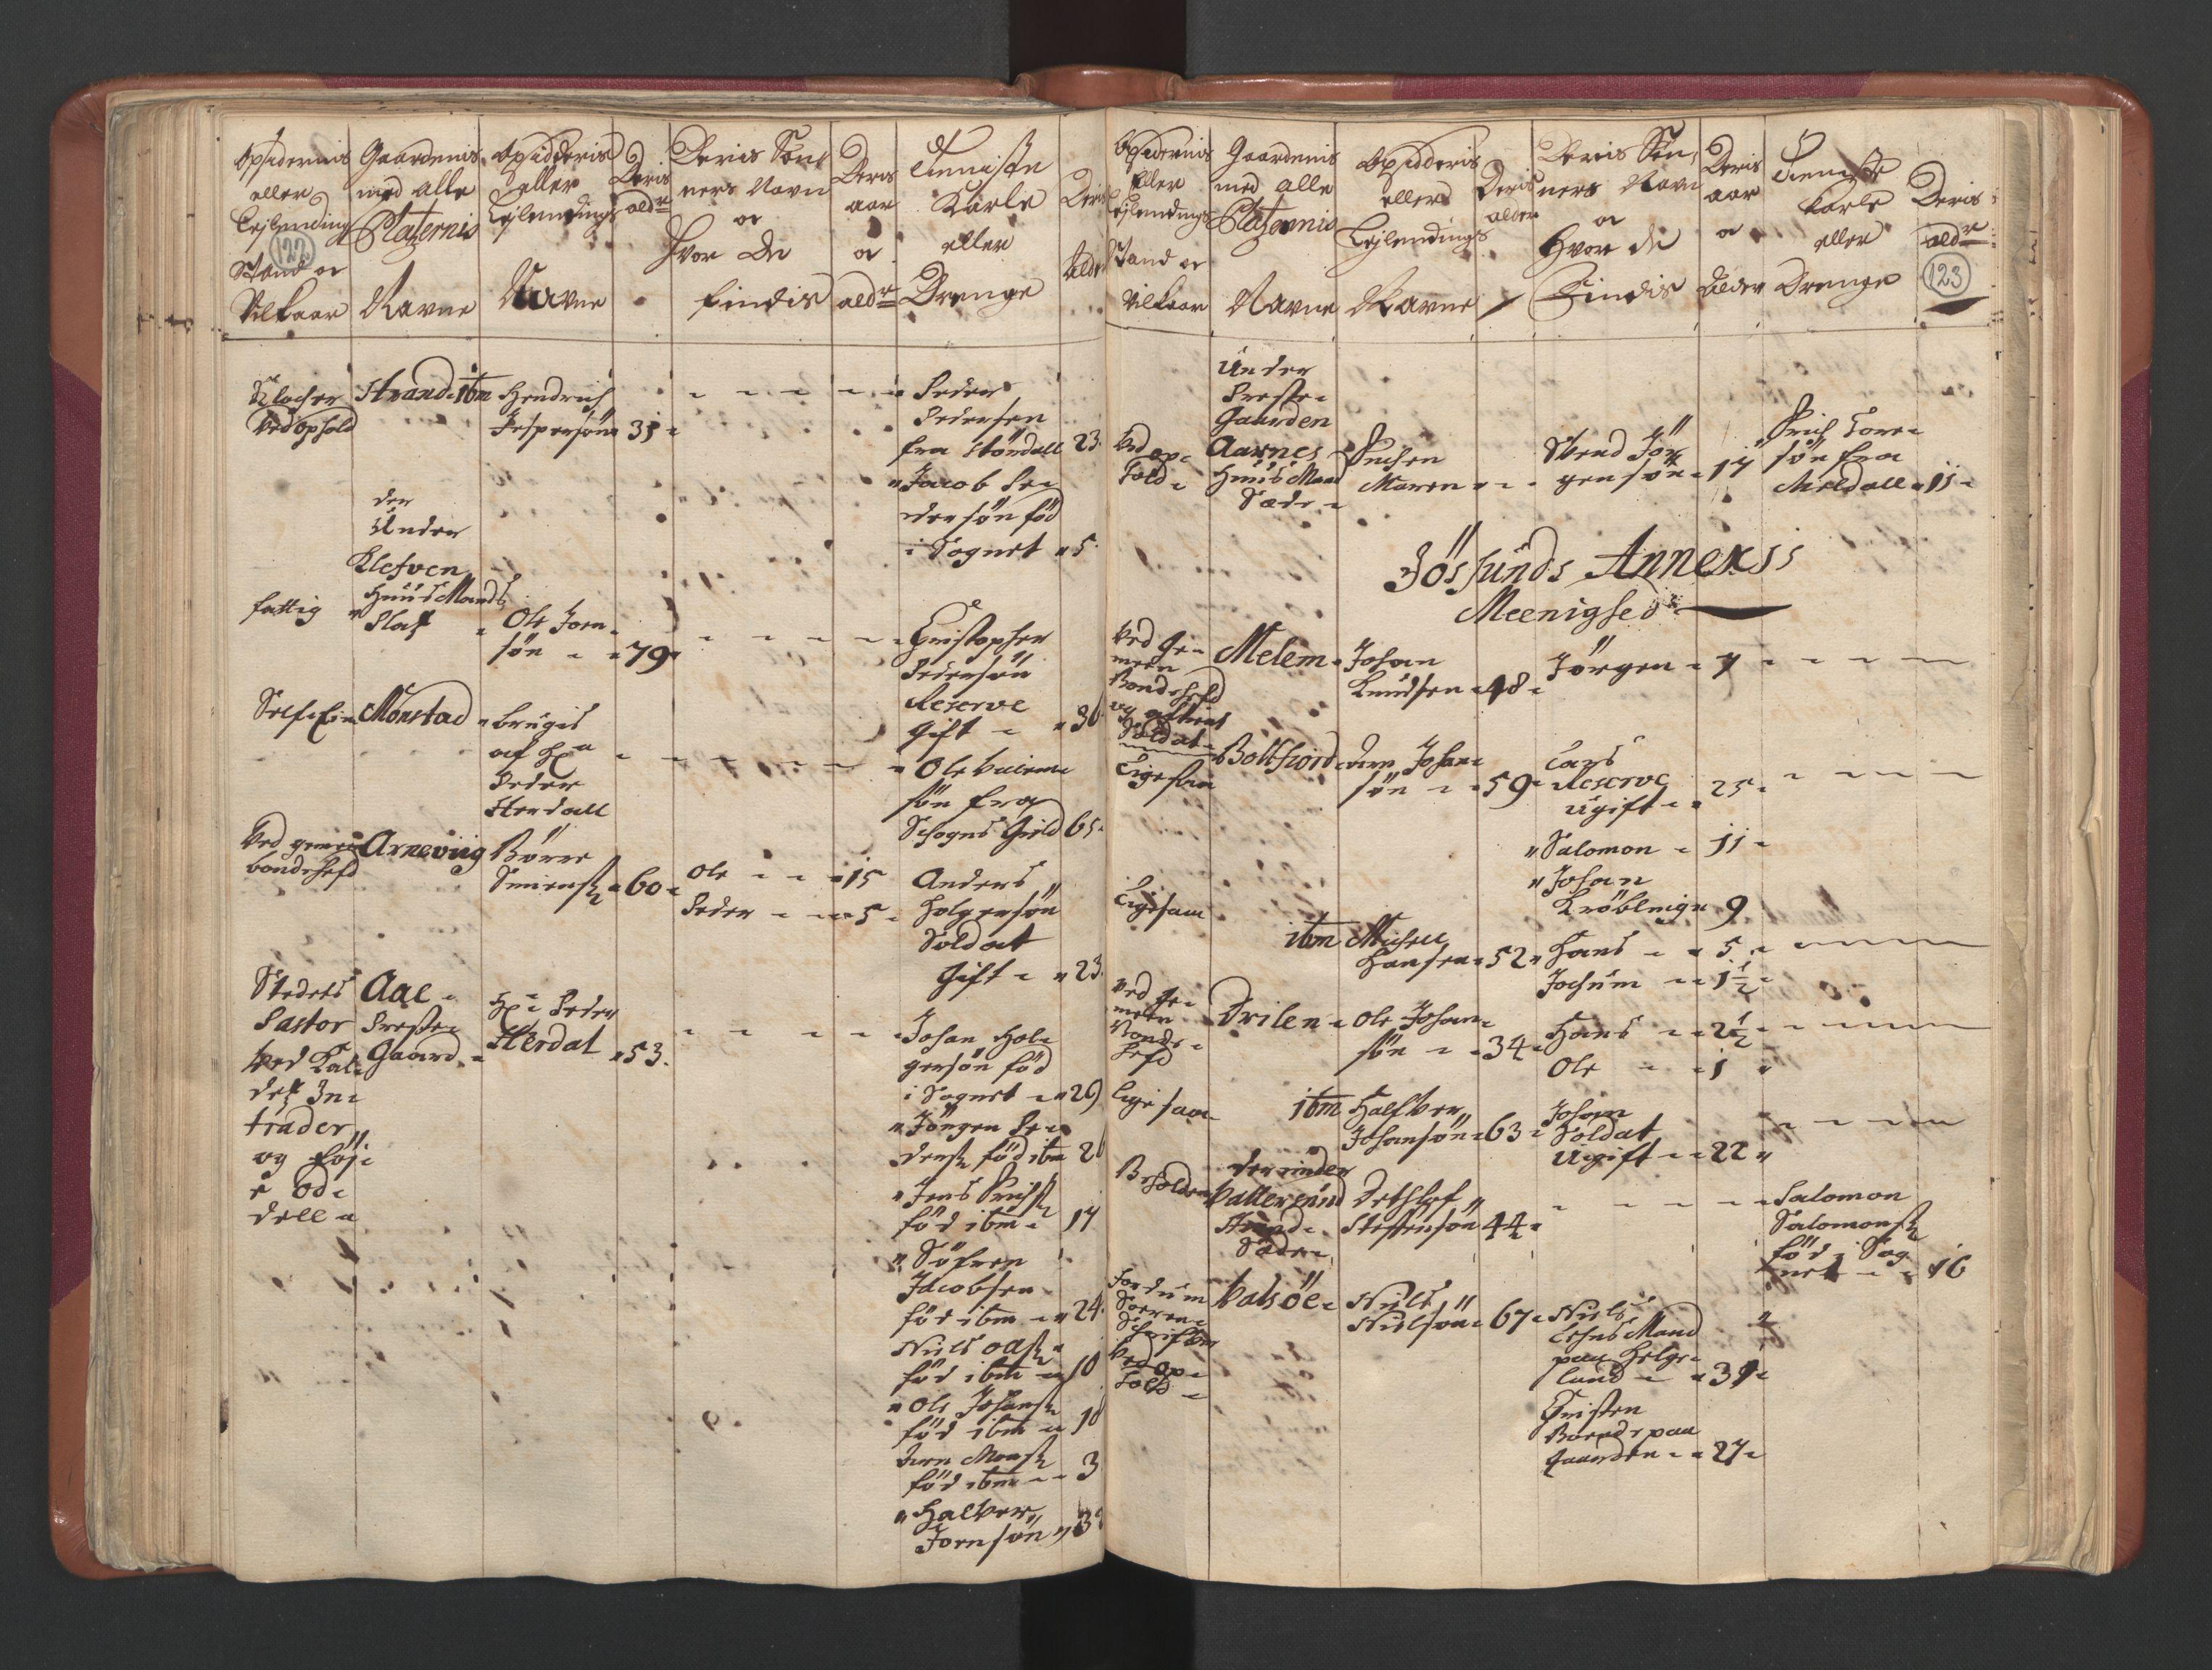 RA, Manntallet 1701, nr. 12: Fosen fogderi, 1701, s. 122-123